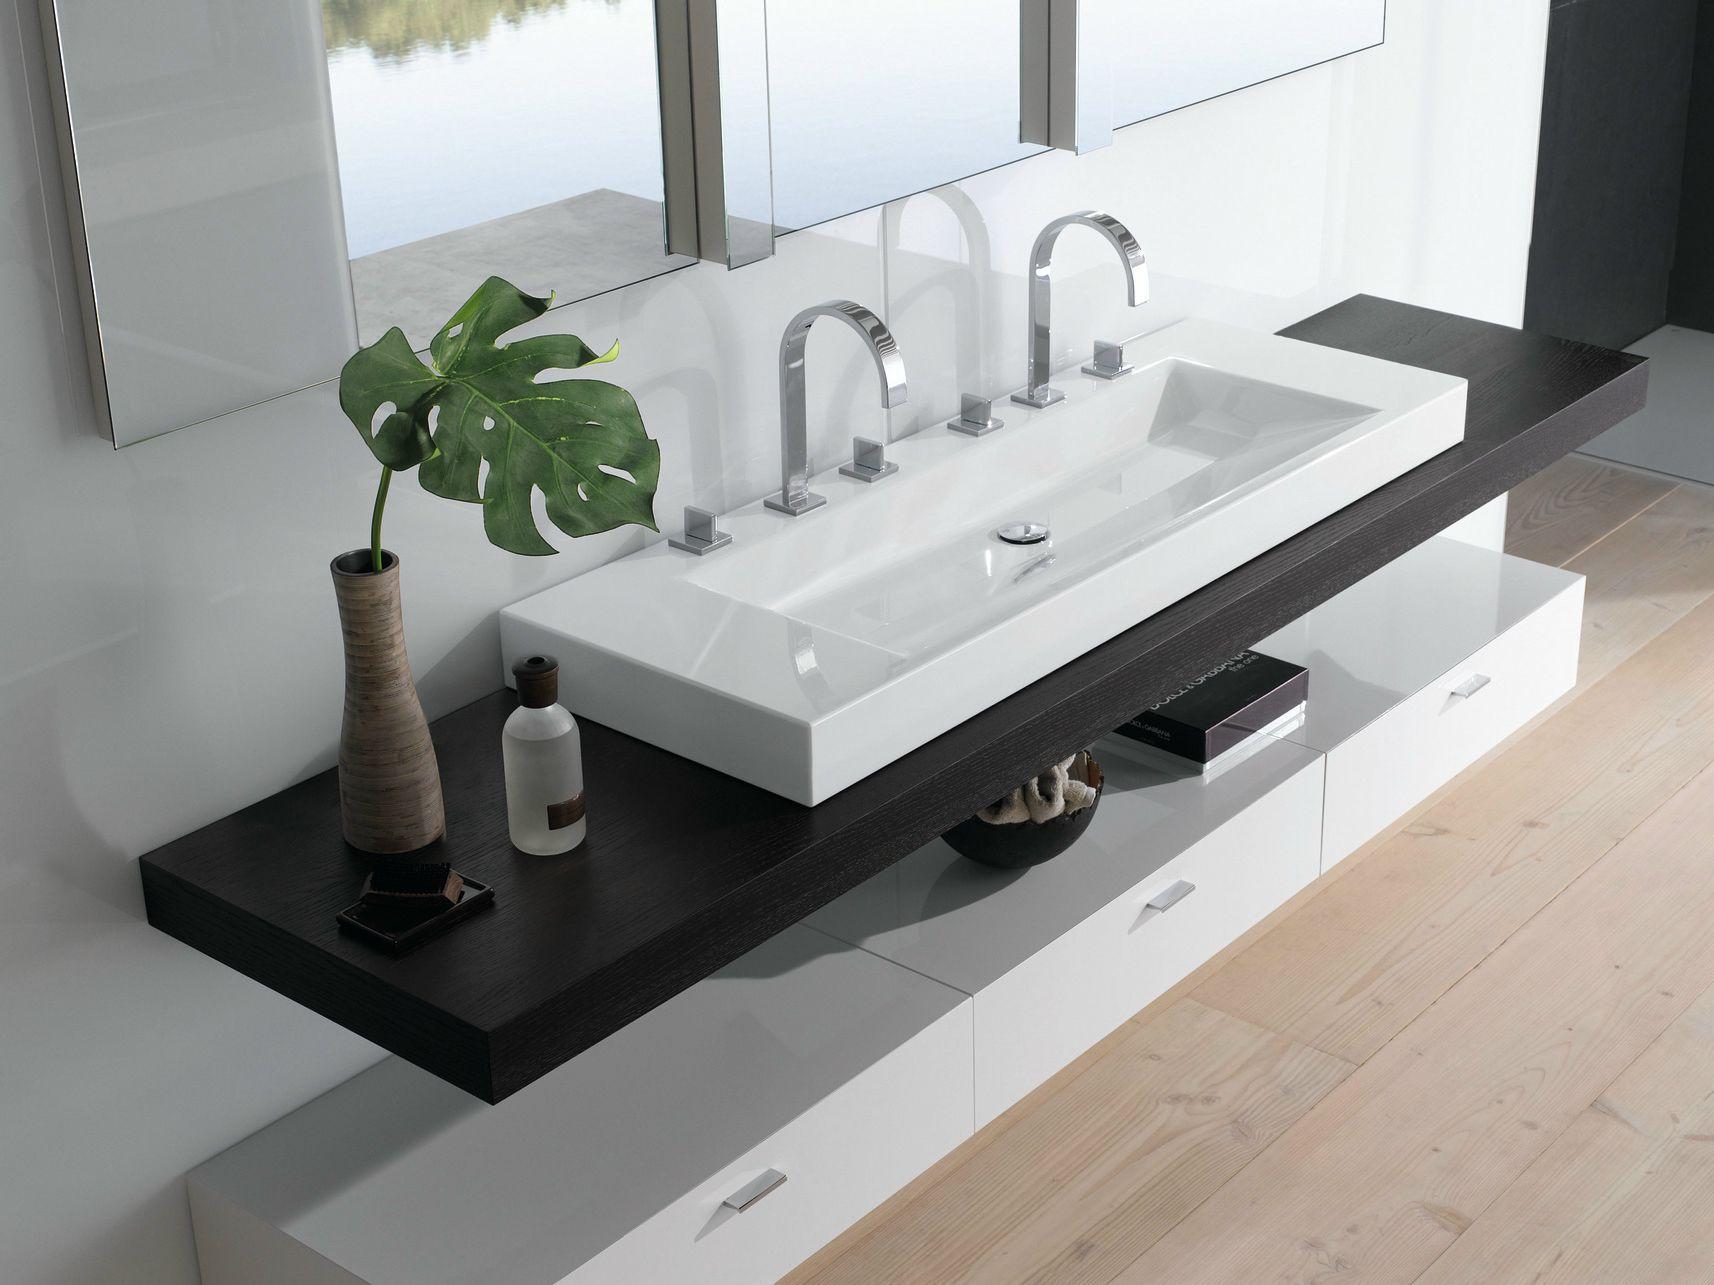 Modernes waschbecken bad in 2019 doppelwaschbecken for Badezimmer ideen doppelwaschbecken